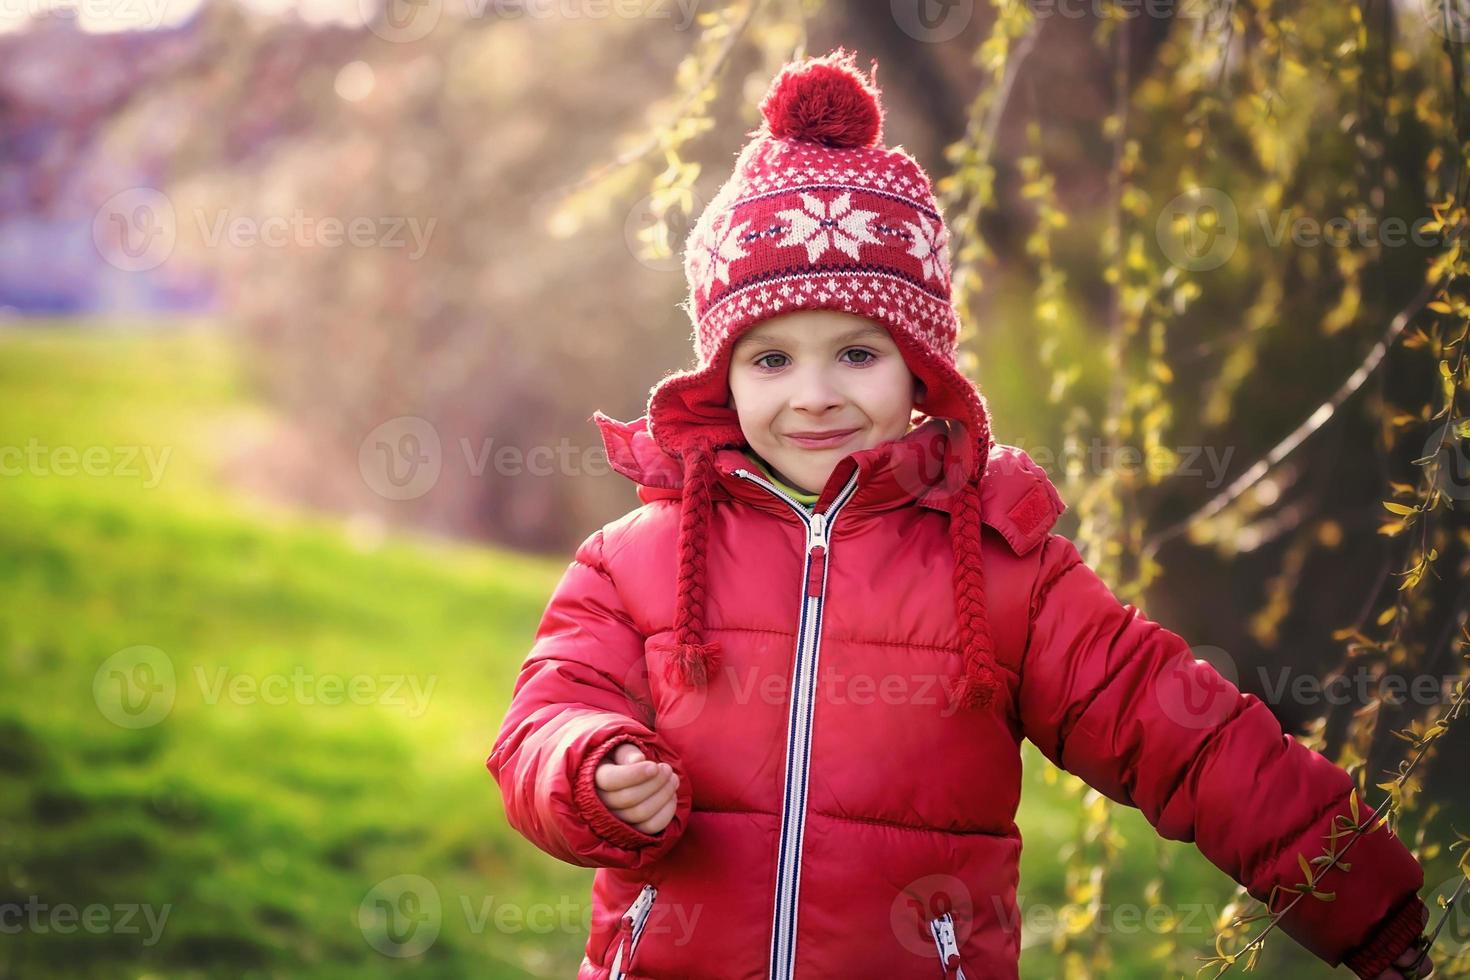 grappige kleine jongen, genieten van zonnige lentedag in het park foto